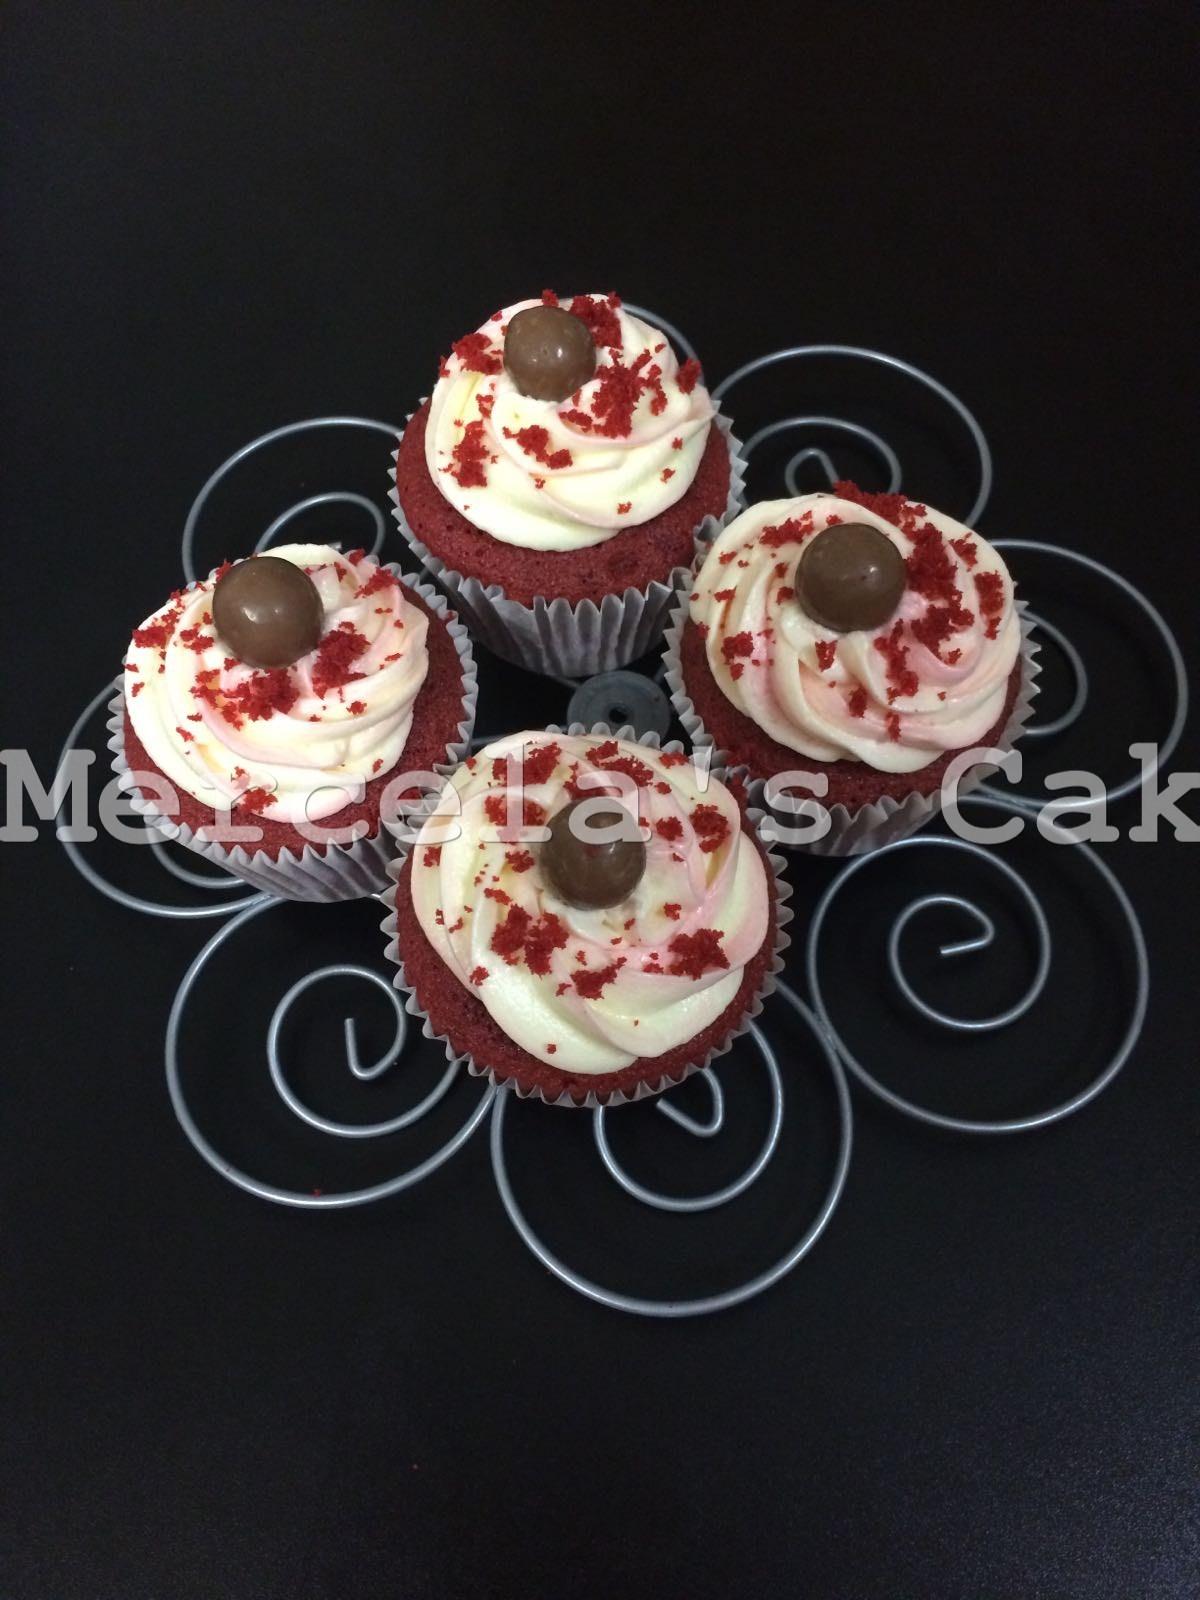 Indulgent Cupcakes